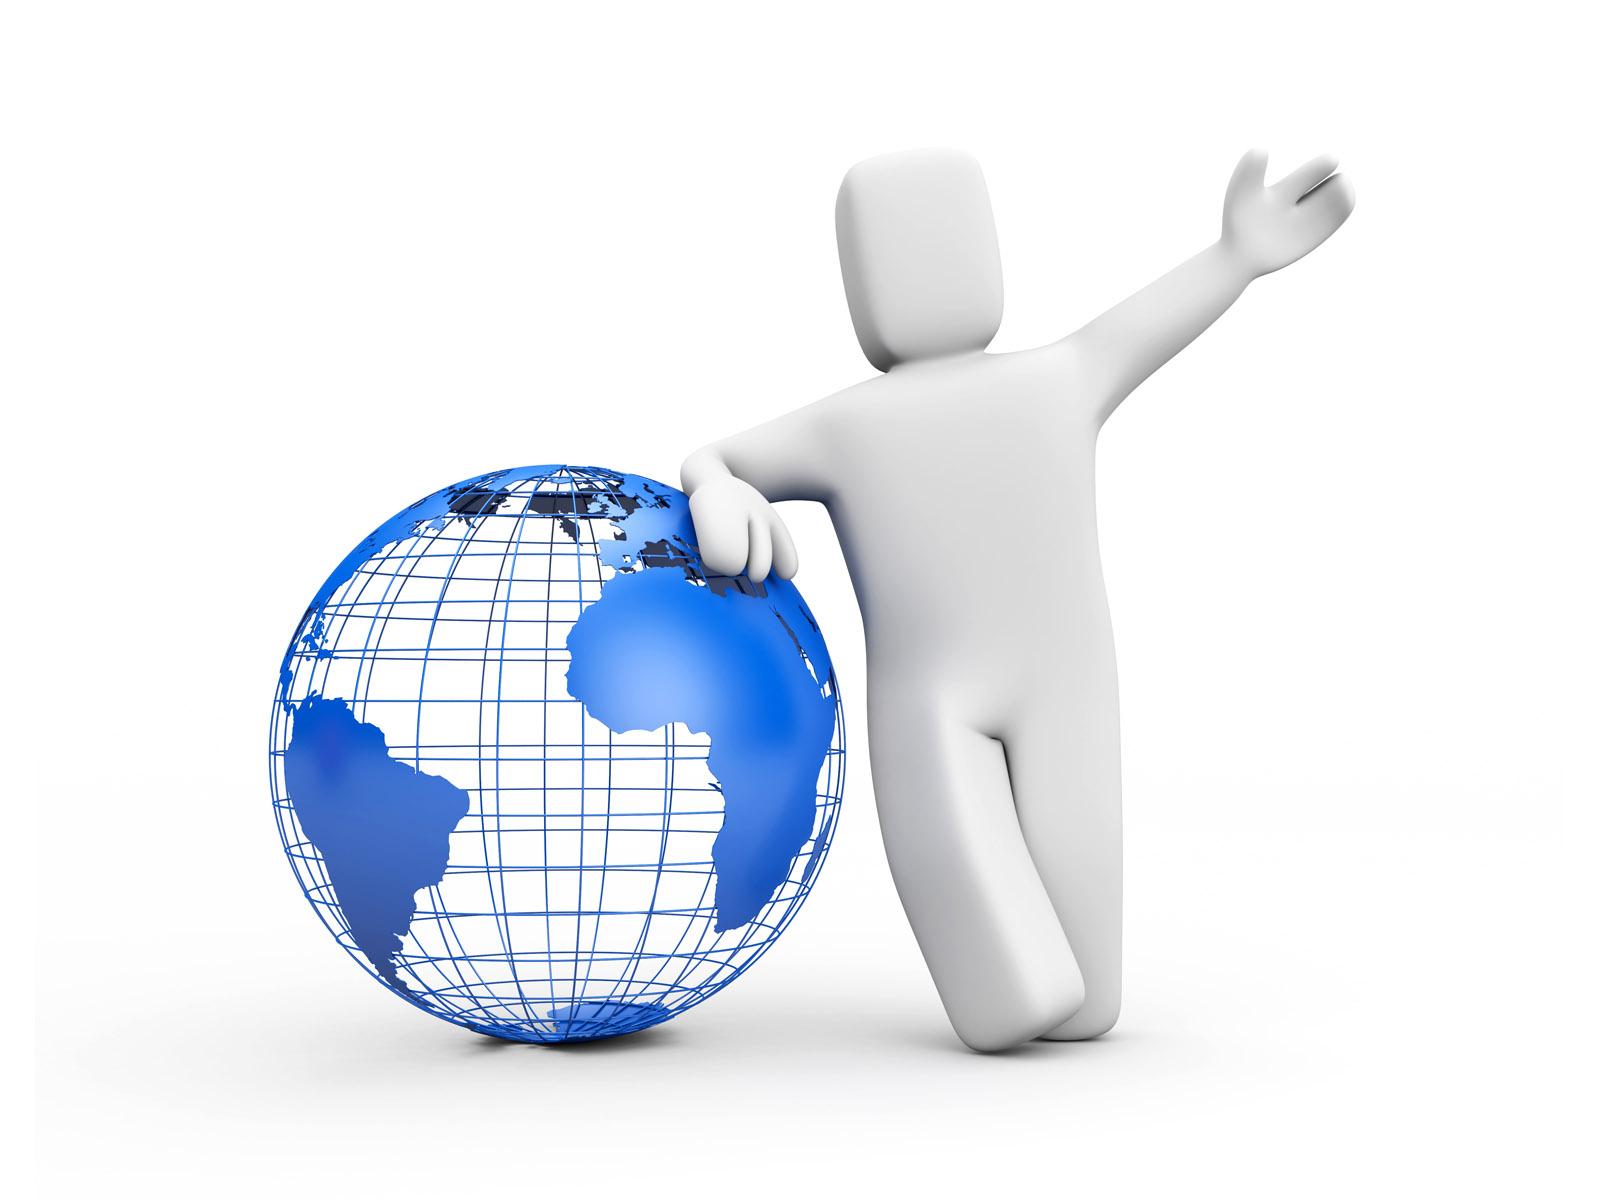 Регистрация филиала и представительства юридического лица